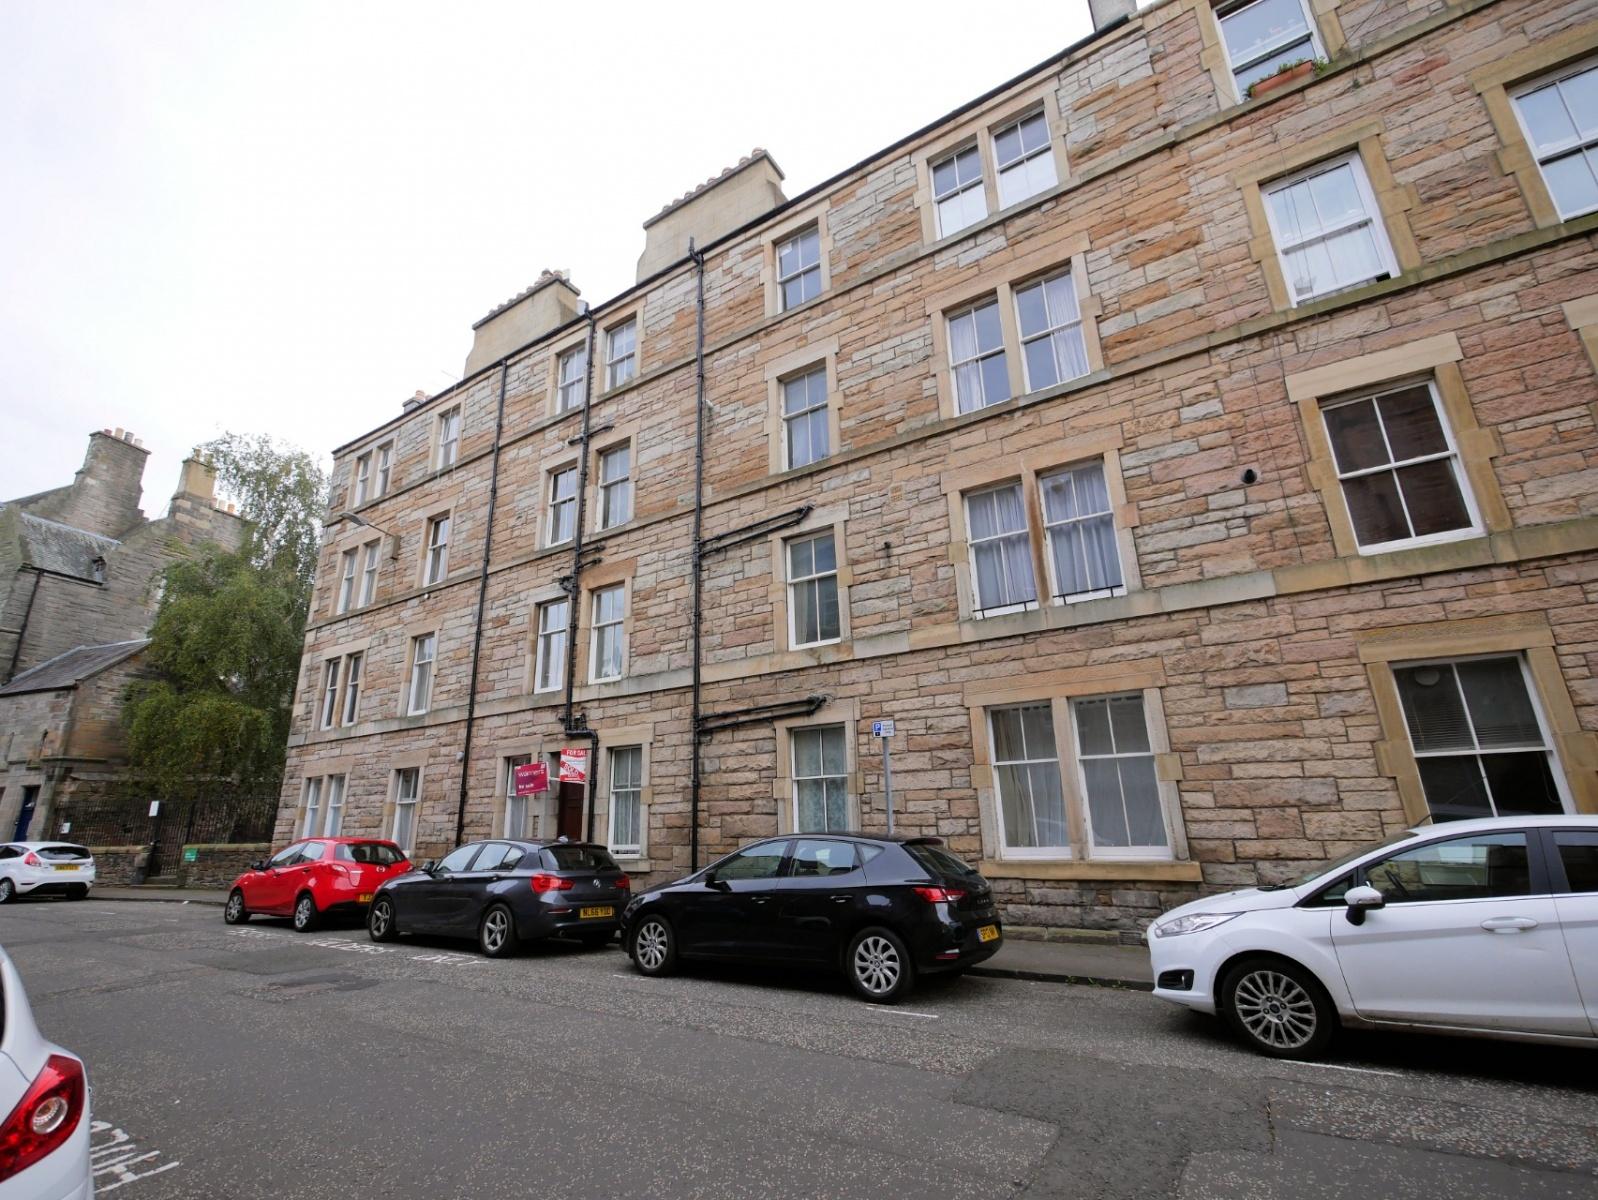 P360: Sciennes House Place, Newington, Edinburgh